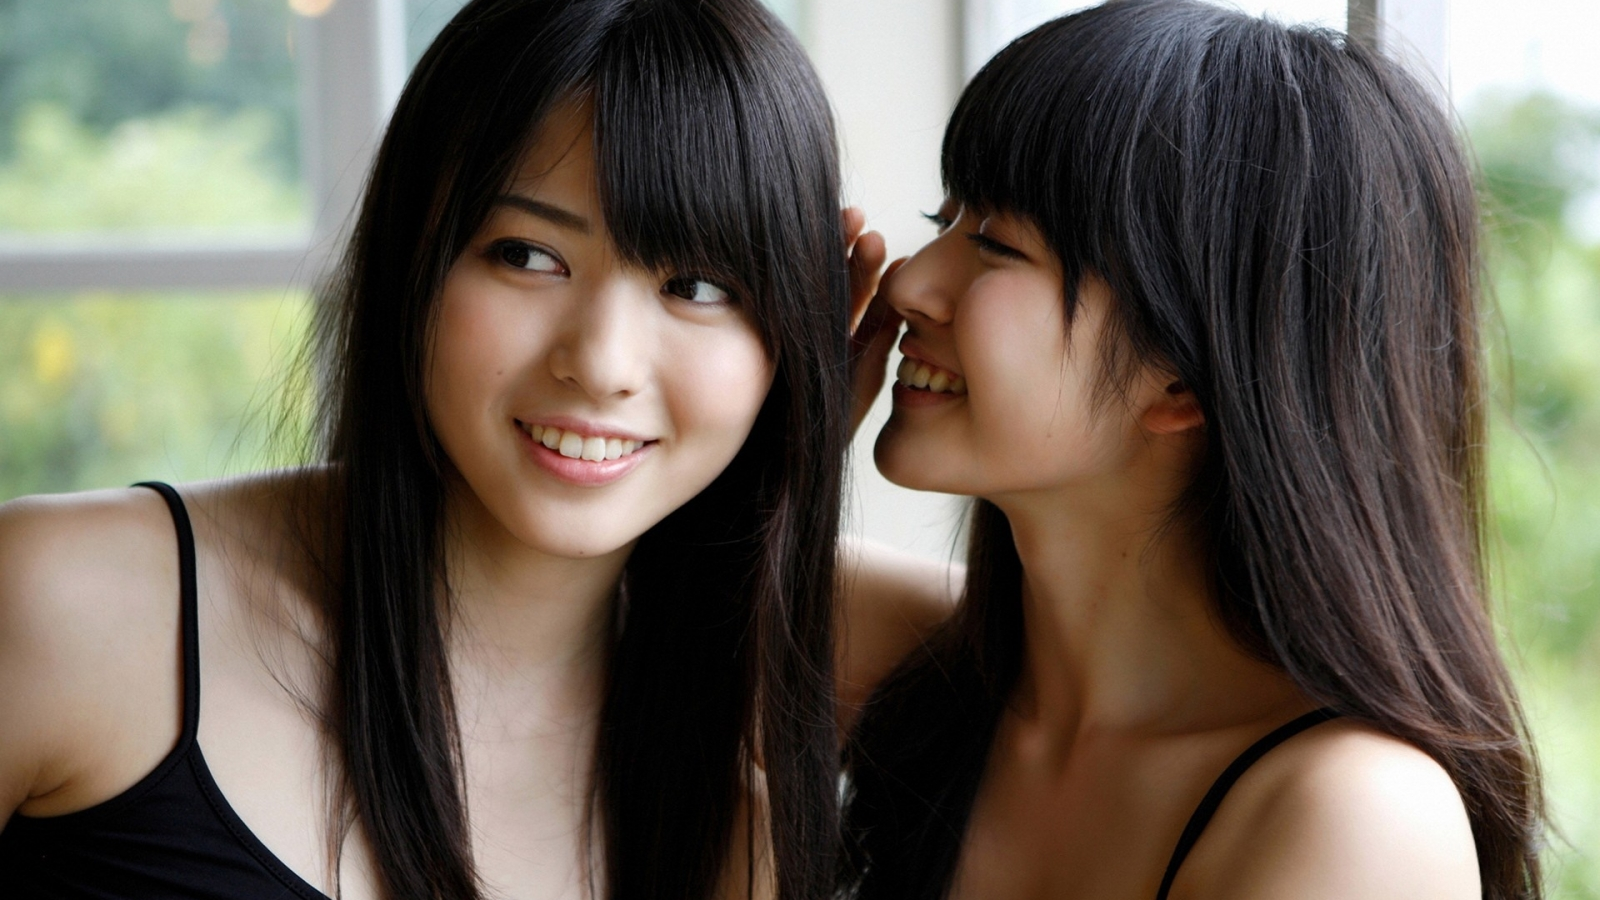 Airi Suzuki y Maimi Yajima - 1600x900